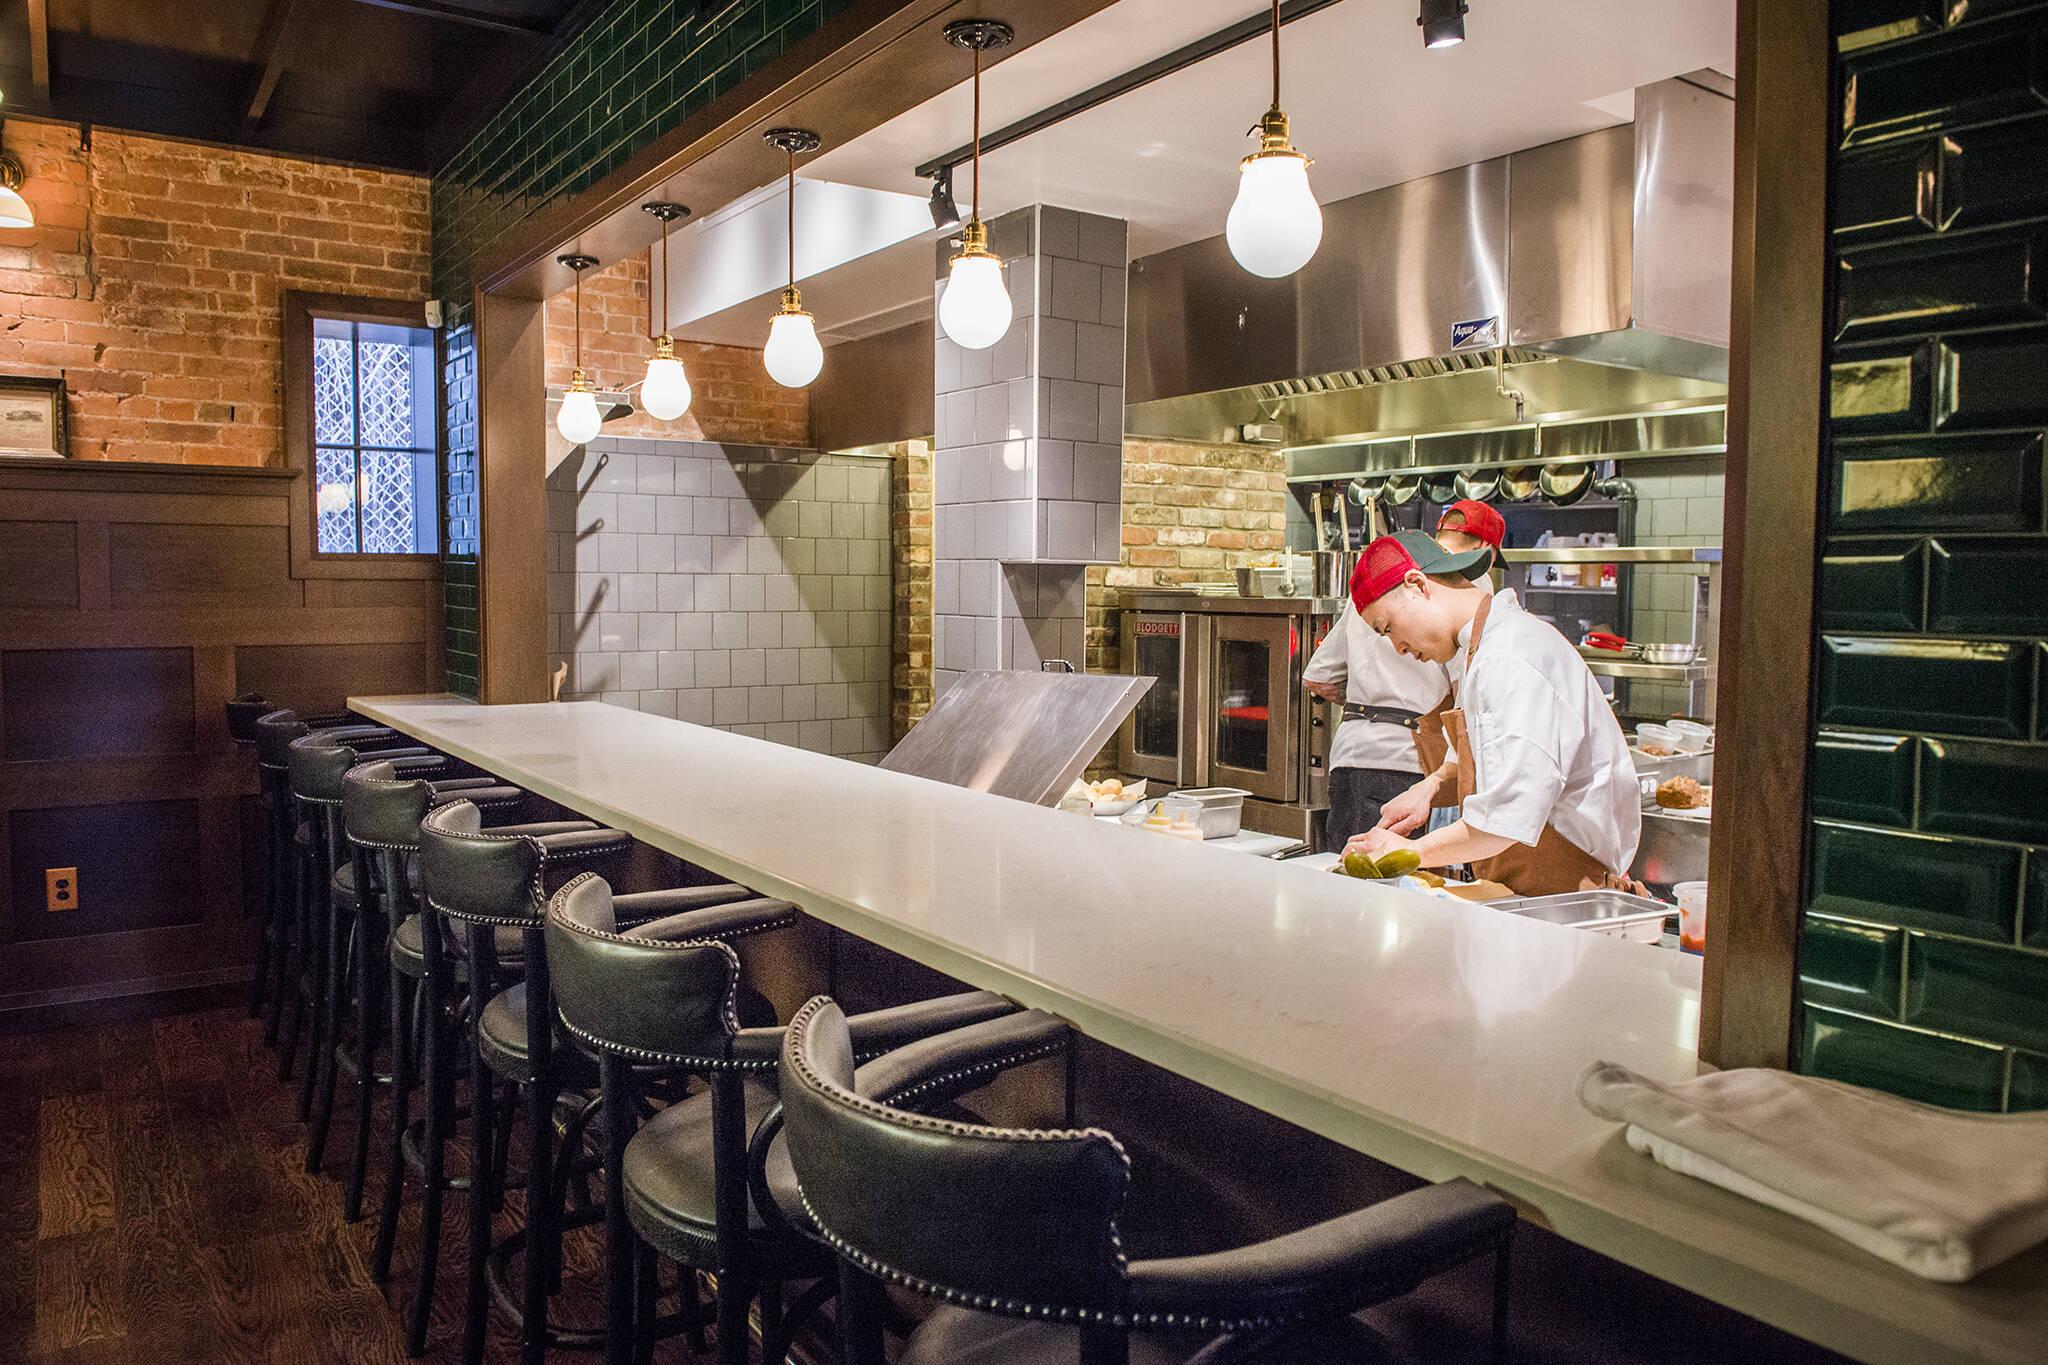 restaurants toronto indoor dining